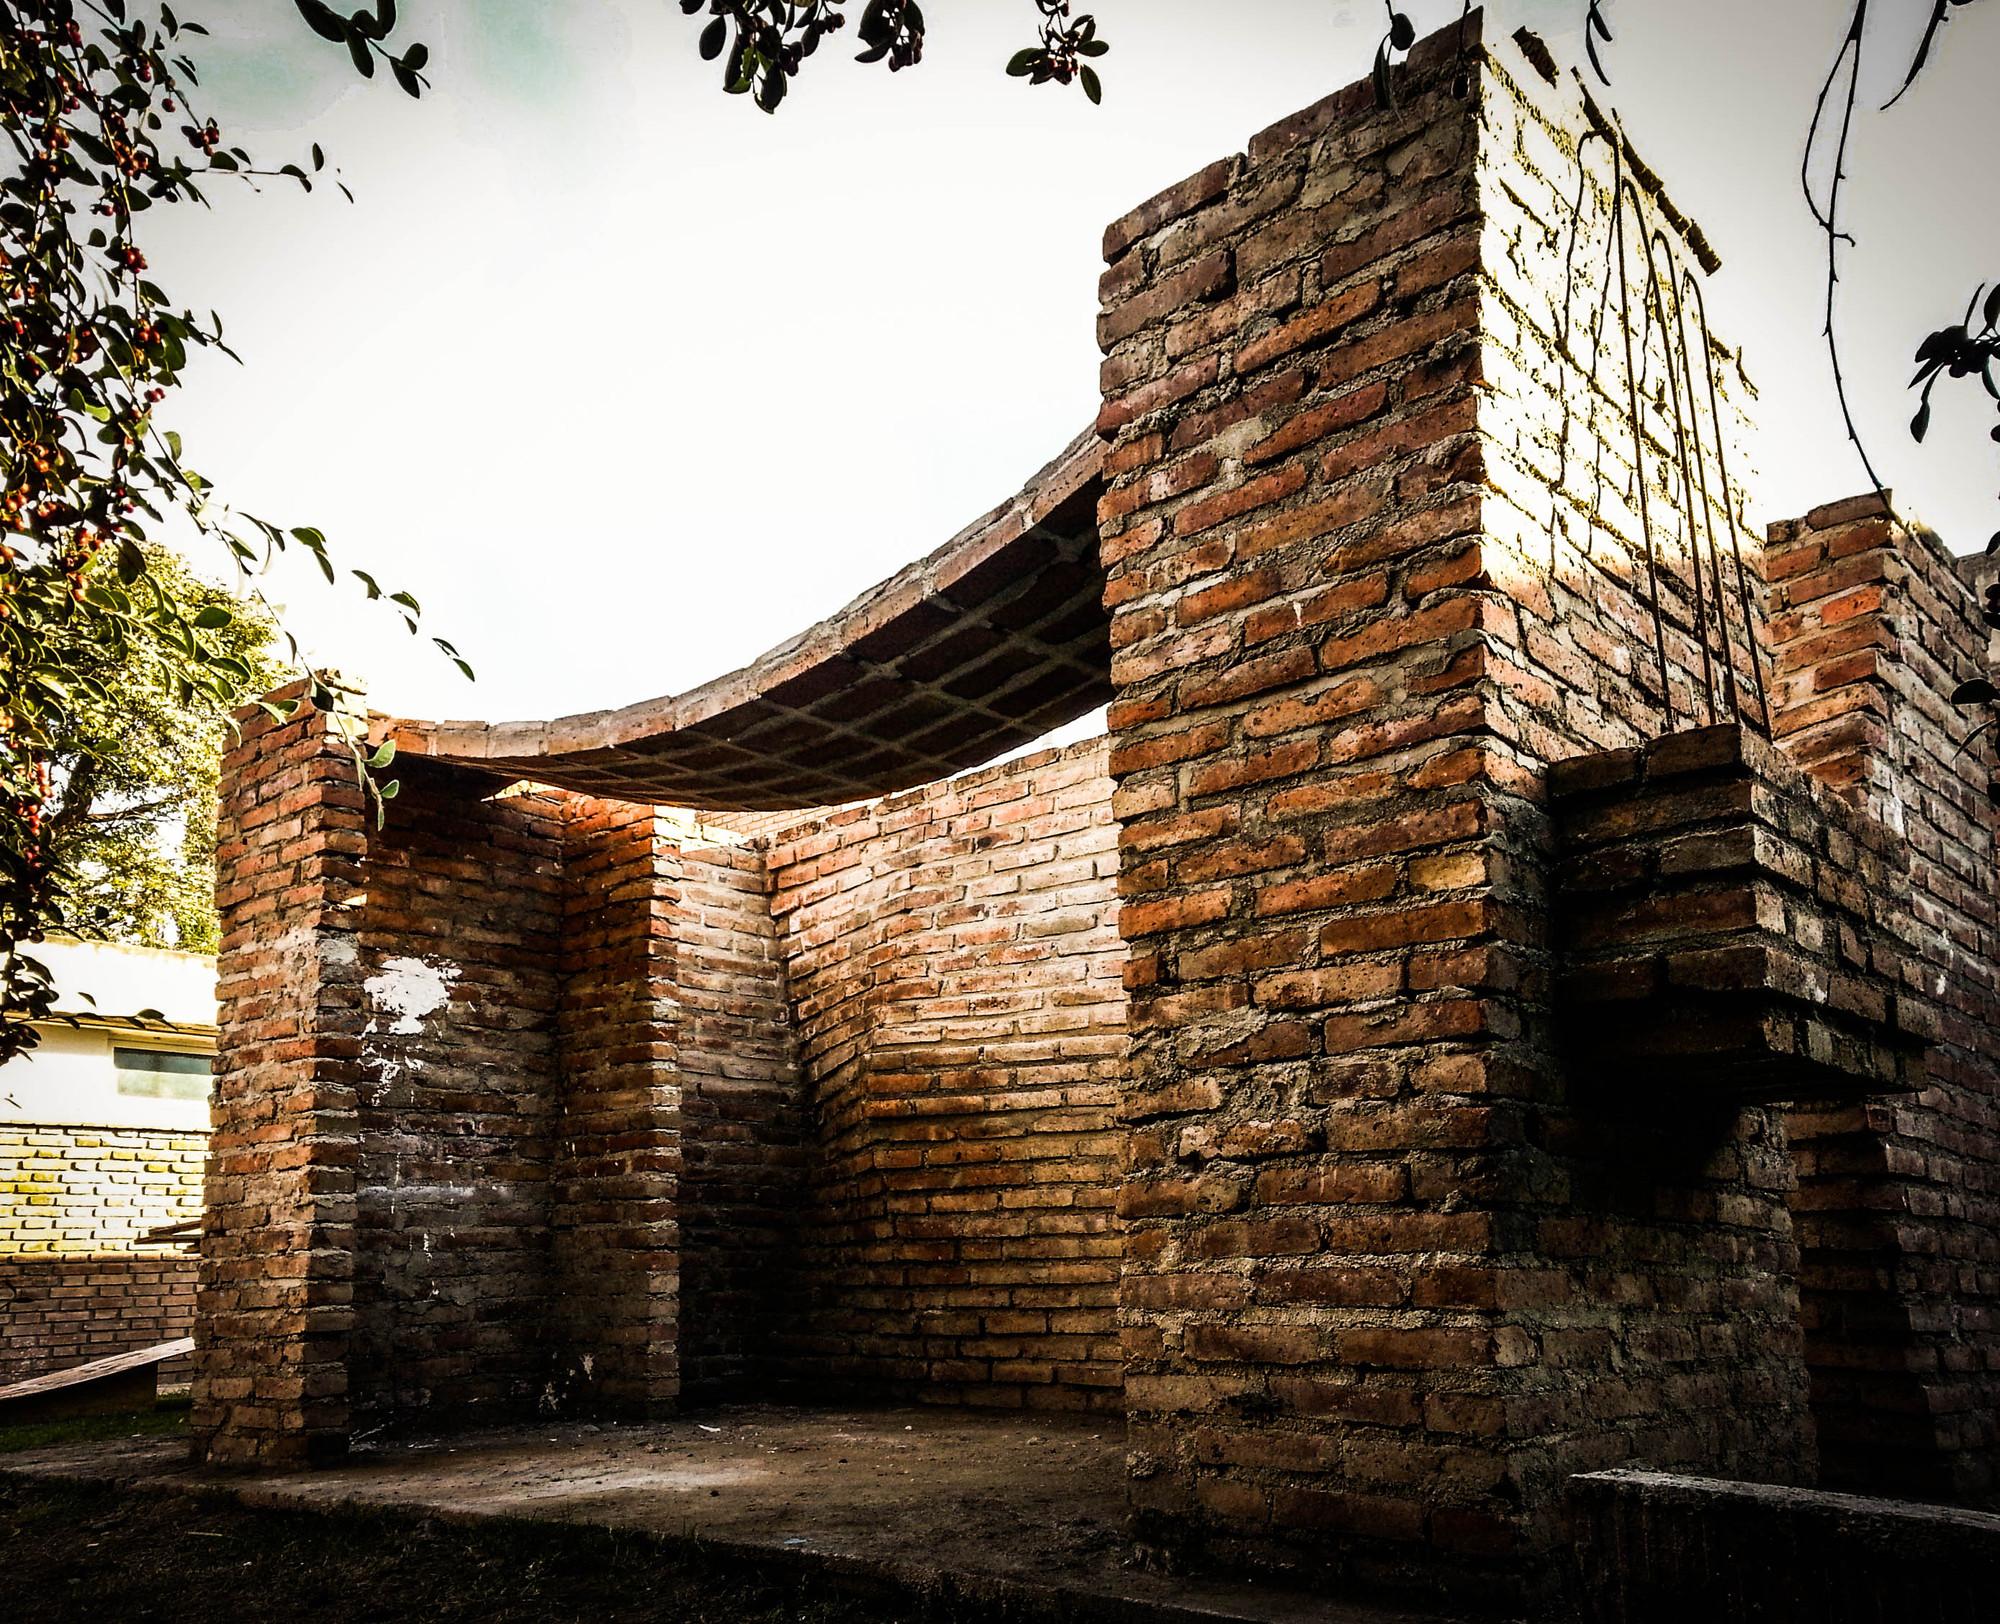 Experiência pedagógica na Argentina: novas possibilidades de construção com alvenaria armada, © Gonzalo Viramonte